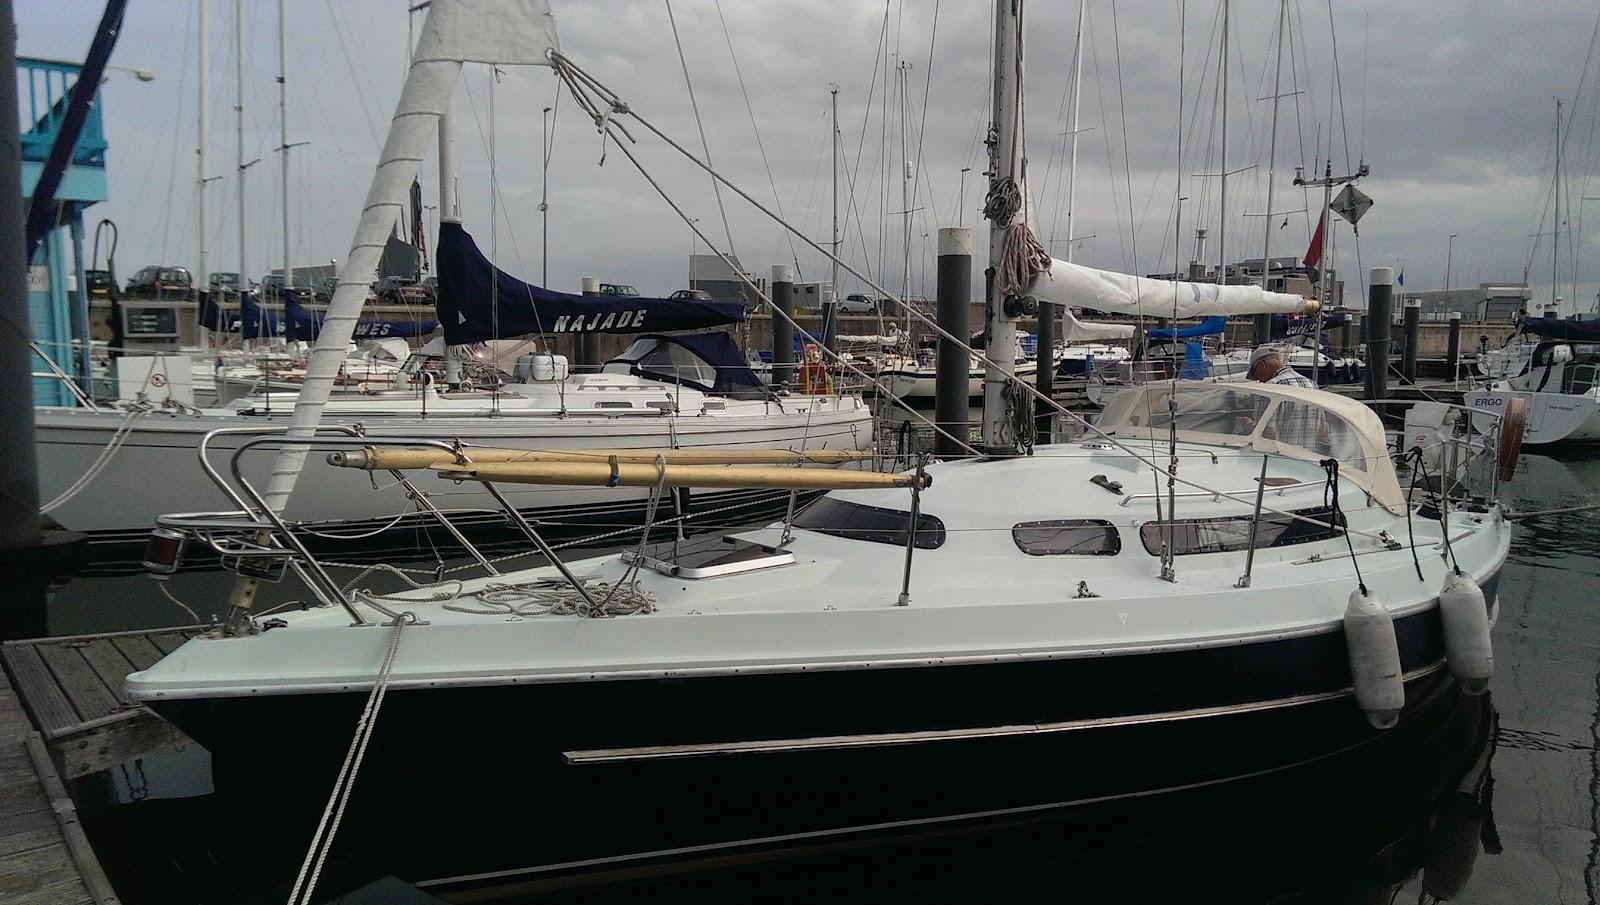 Nic31 Sereno in de haven van de KMJC in Den Helder